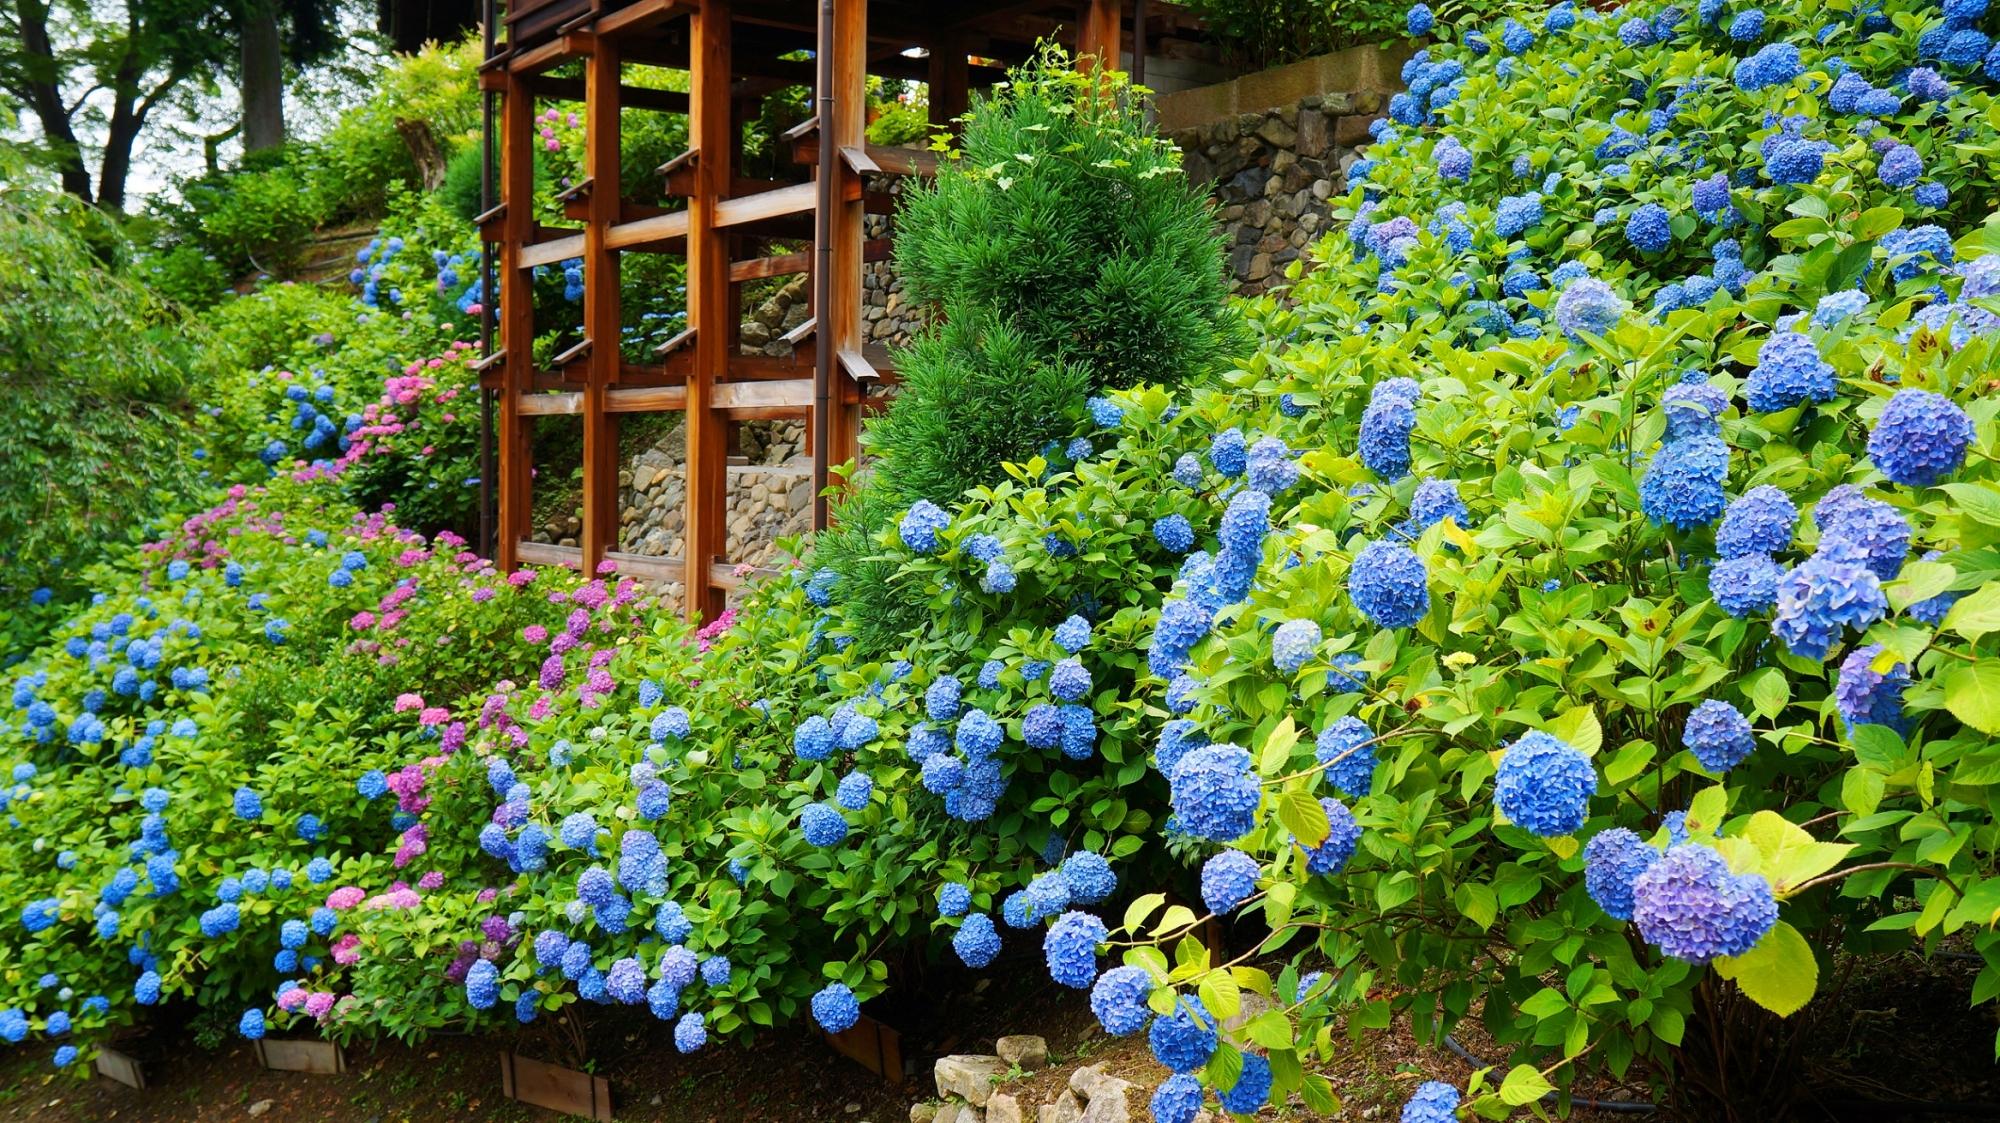 善峯寺の弾けんばかりに咲き誇る元気な紫陽花